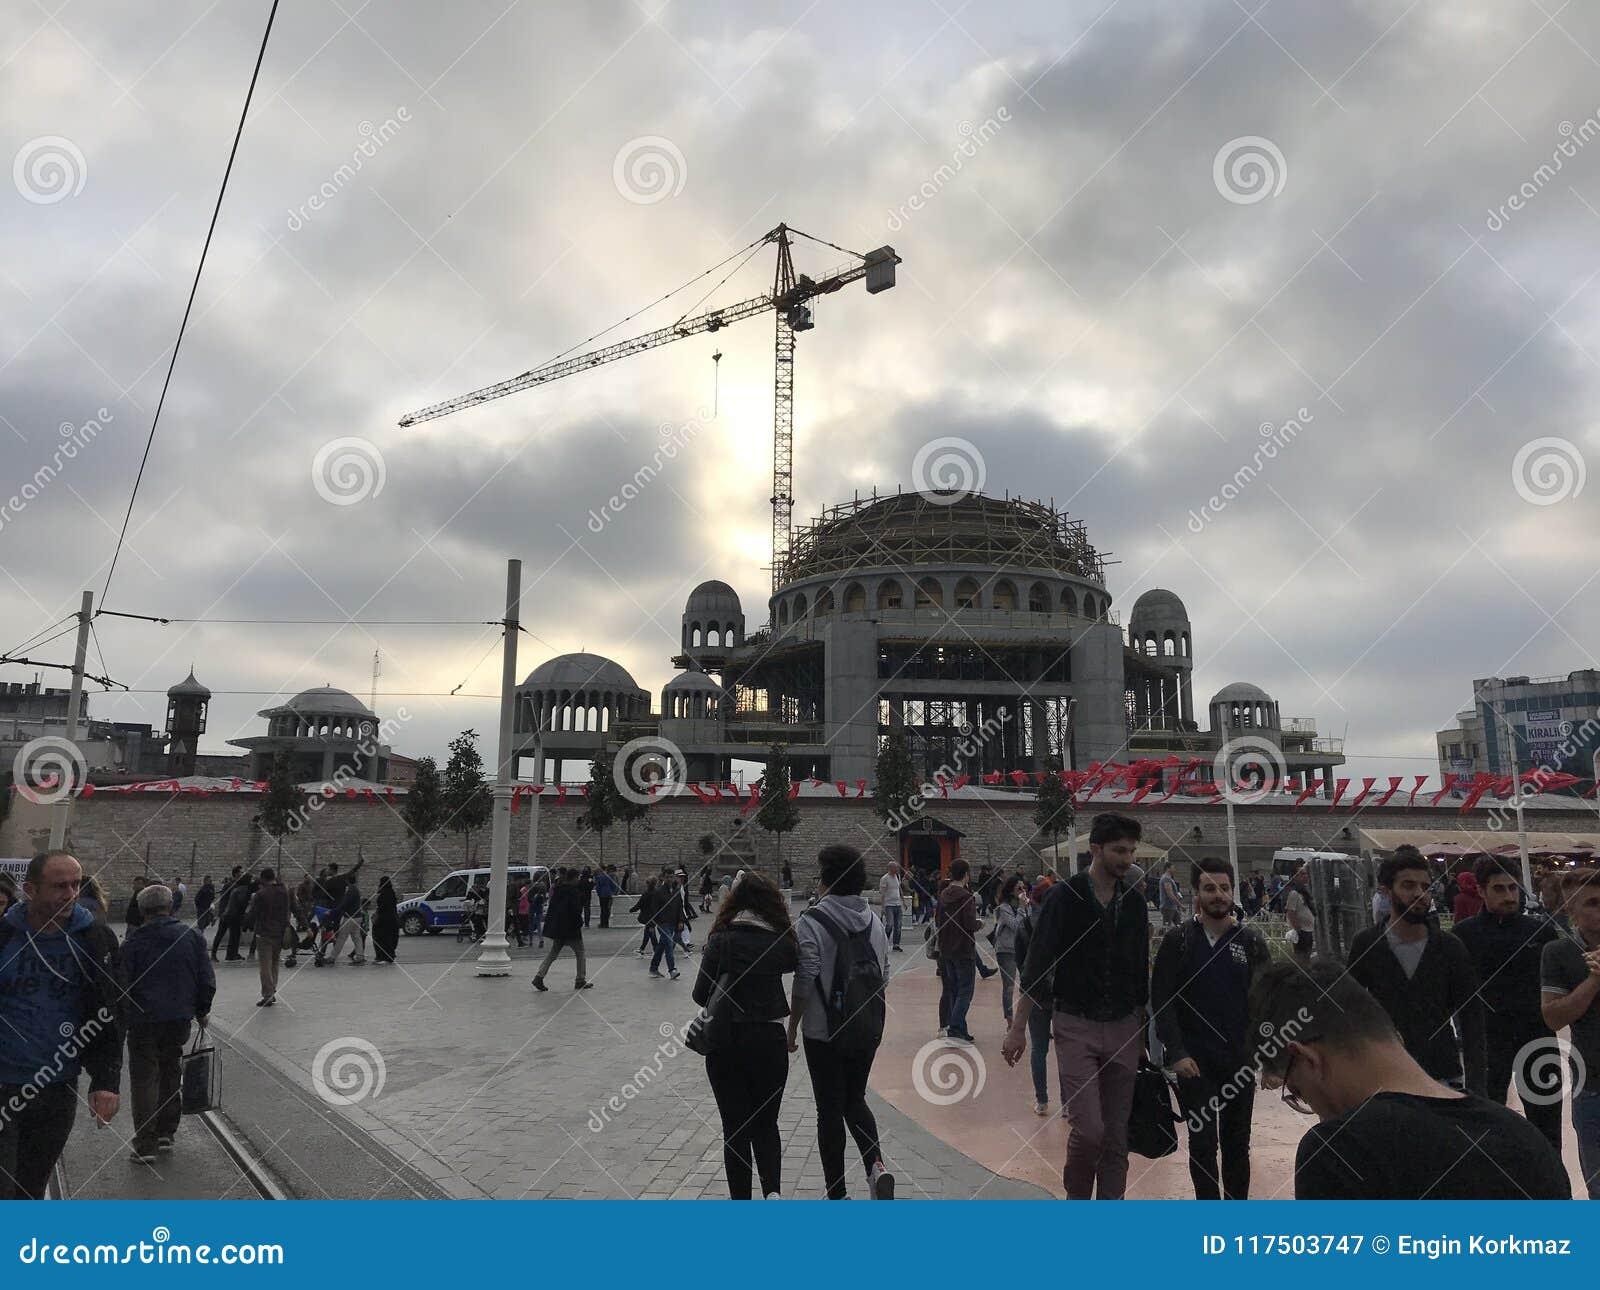 在交通的人们走动和汽车在塔克西姆广场,伊斯坦布尔的